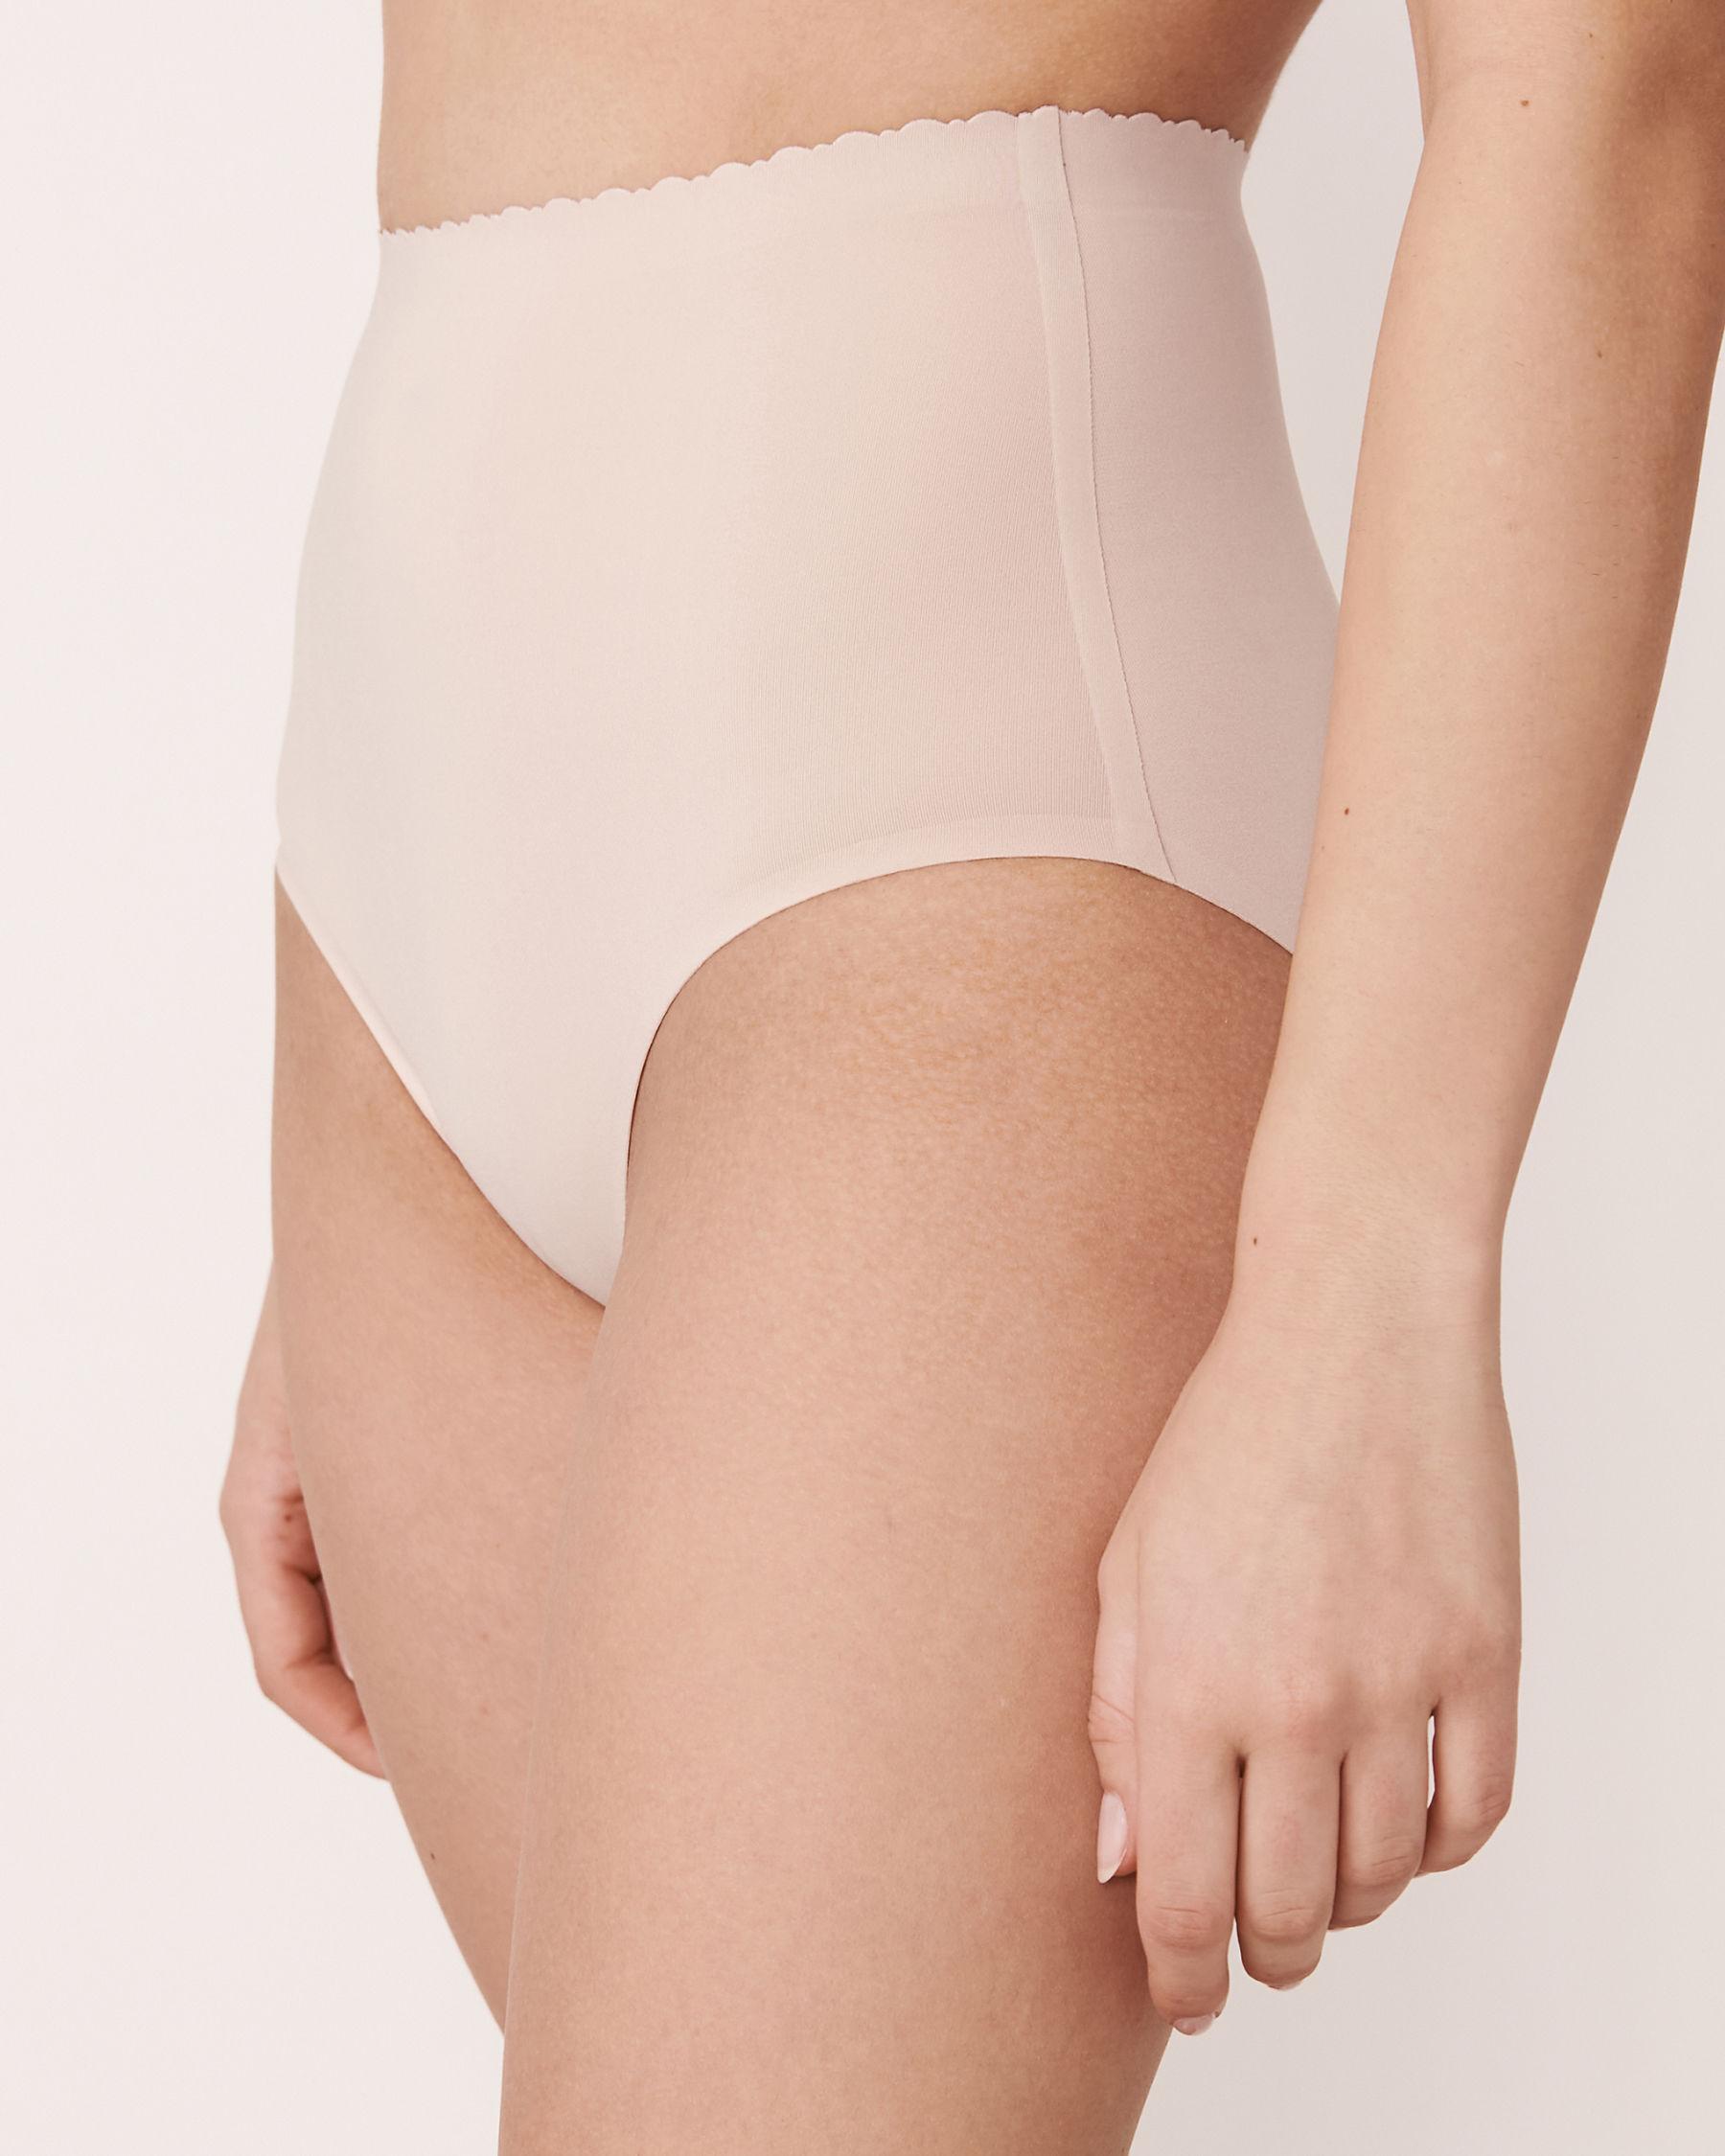 LA VIE EN ROSE Culotte bikini taille haute sans coutures Neutre 712-122-1-00 - Voir1